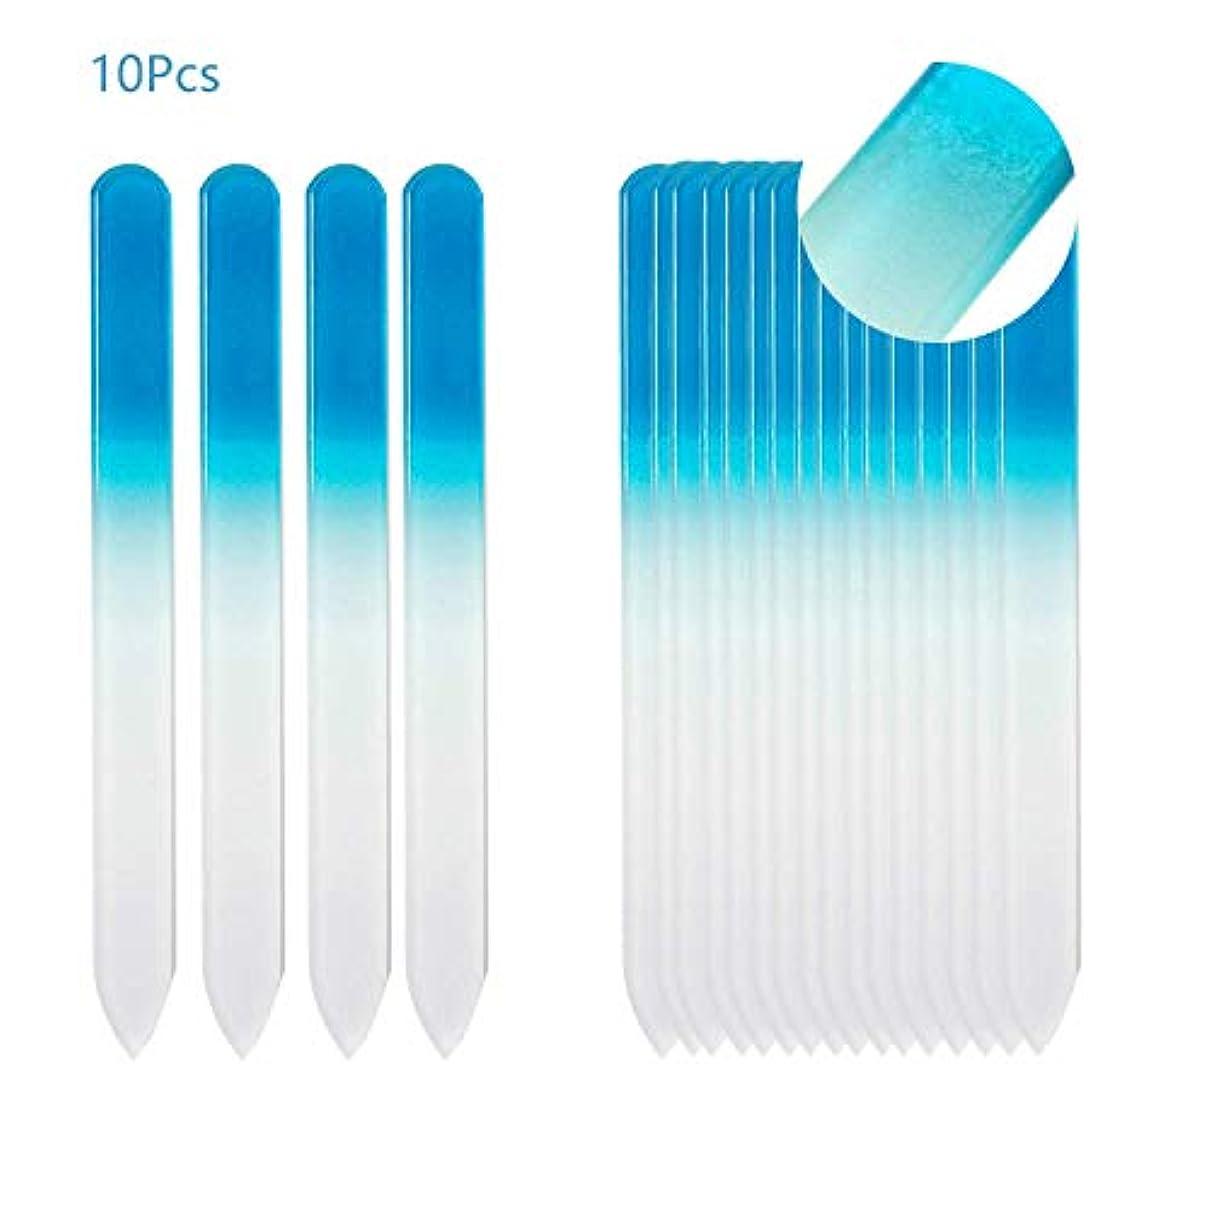 ひらめきリンケージ一部爪やすり ガラスファイル グラスファイル 何度でも再利用 ネイル用品 ジェルネイル